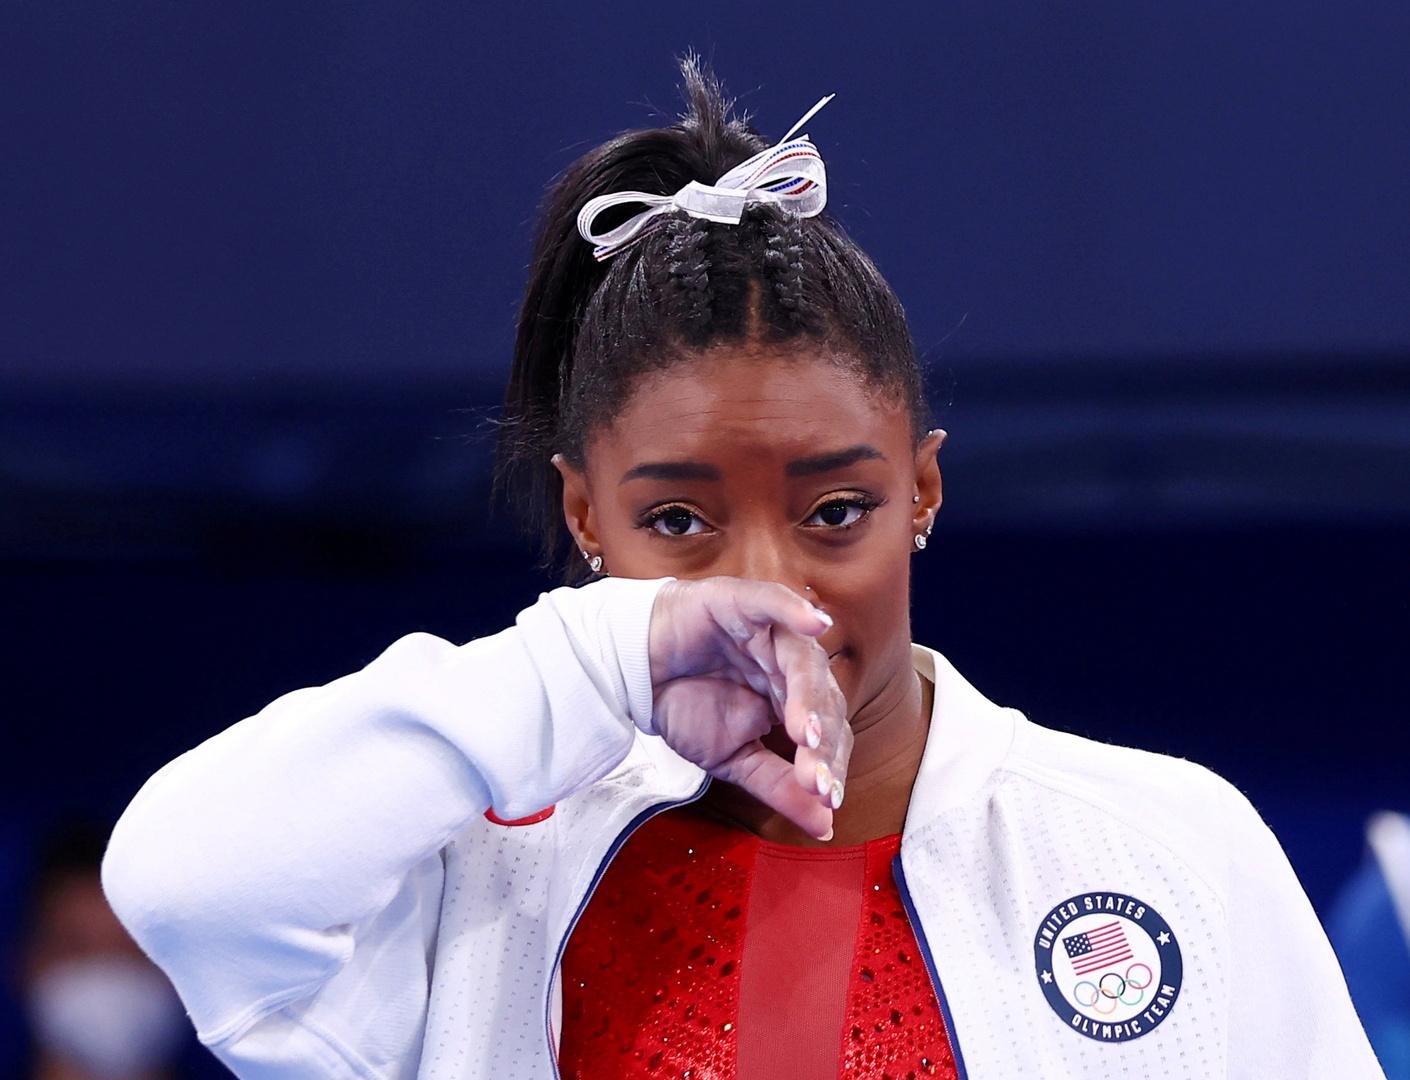 أسطورة الجمباز الأمريكية بايلز تضحي بالميداليات